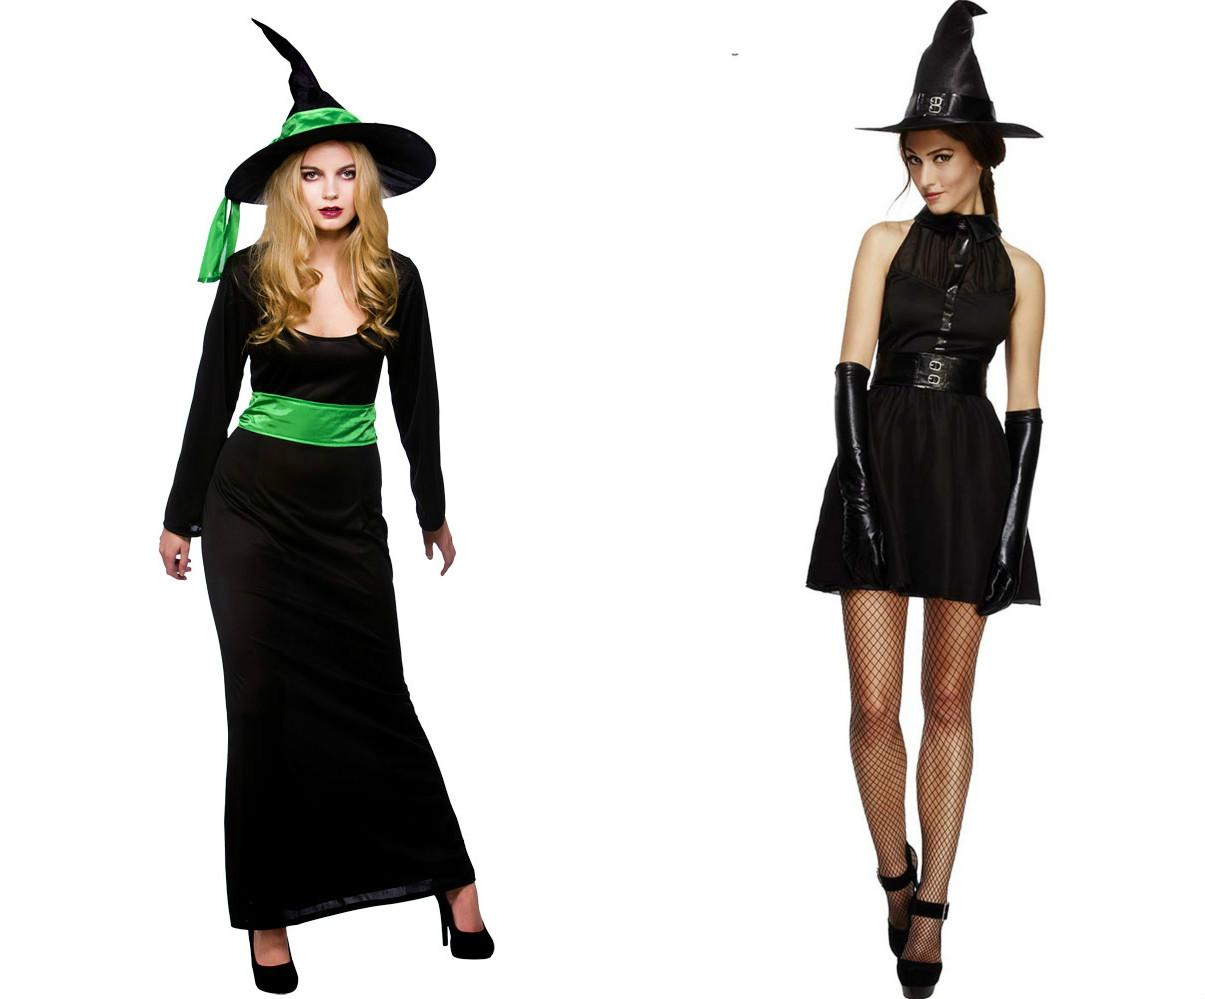 Костюм на хэллоуин своими руками жуткие идеи для взрослых 55